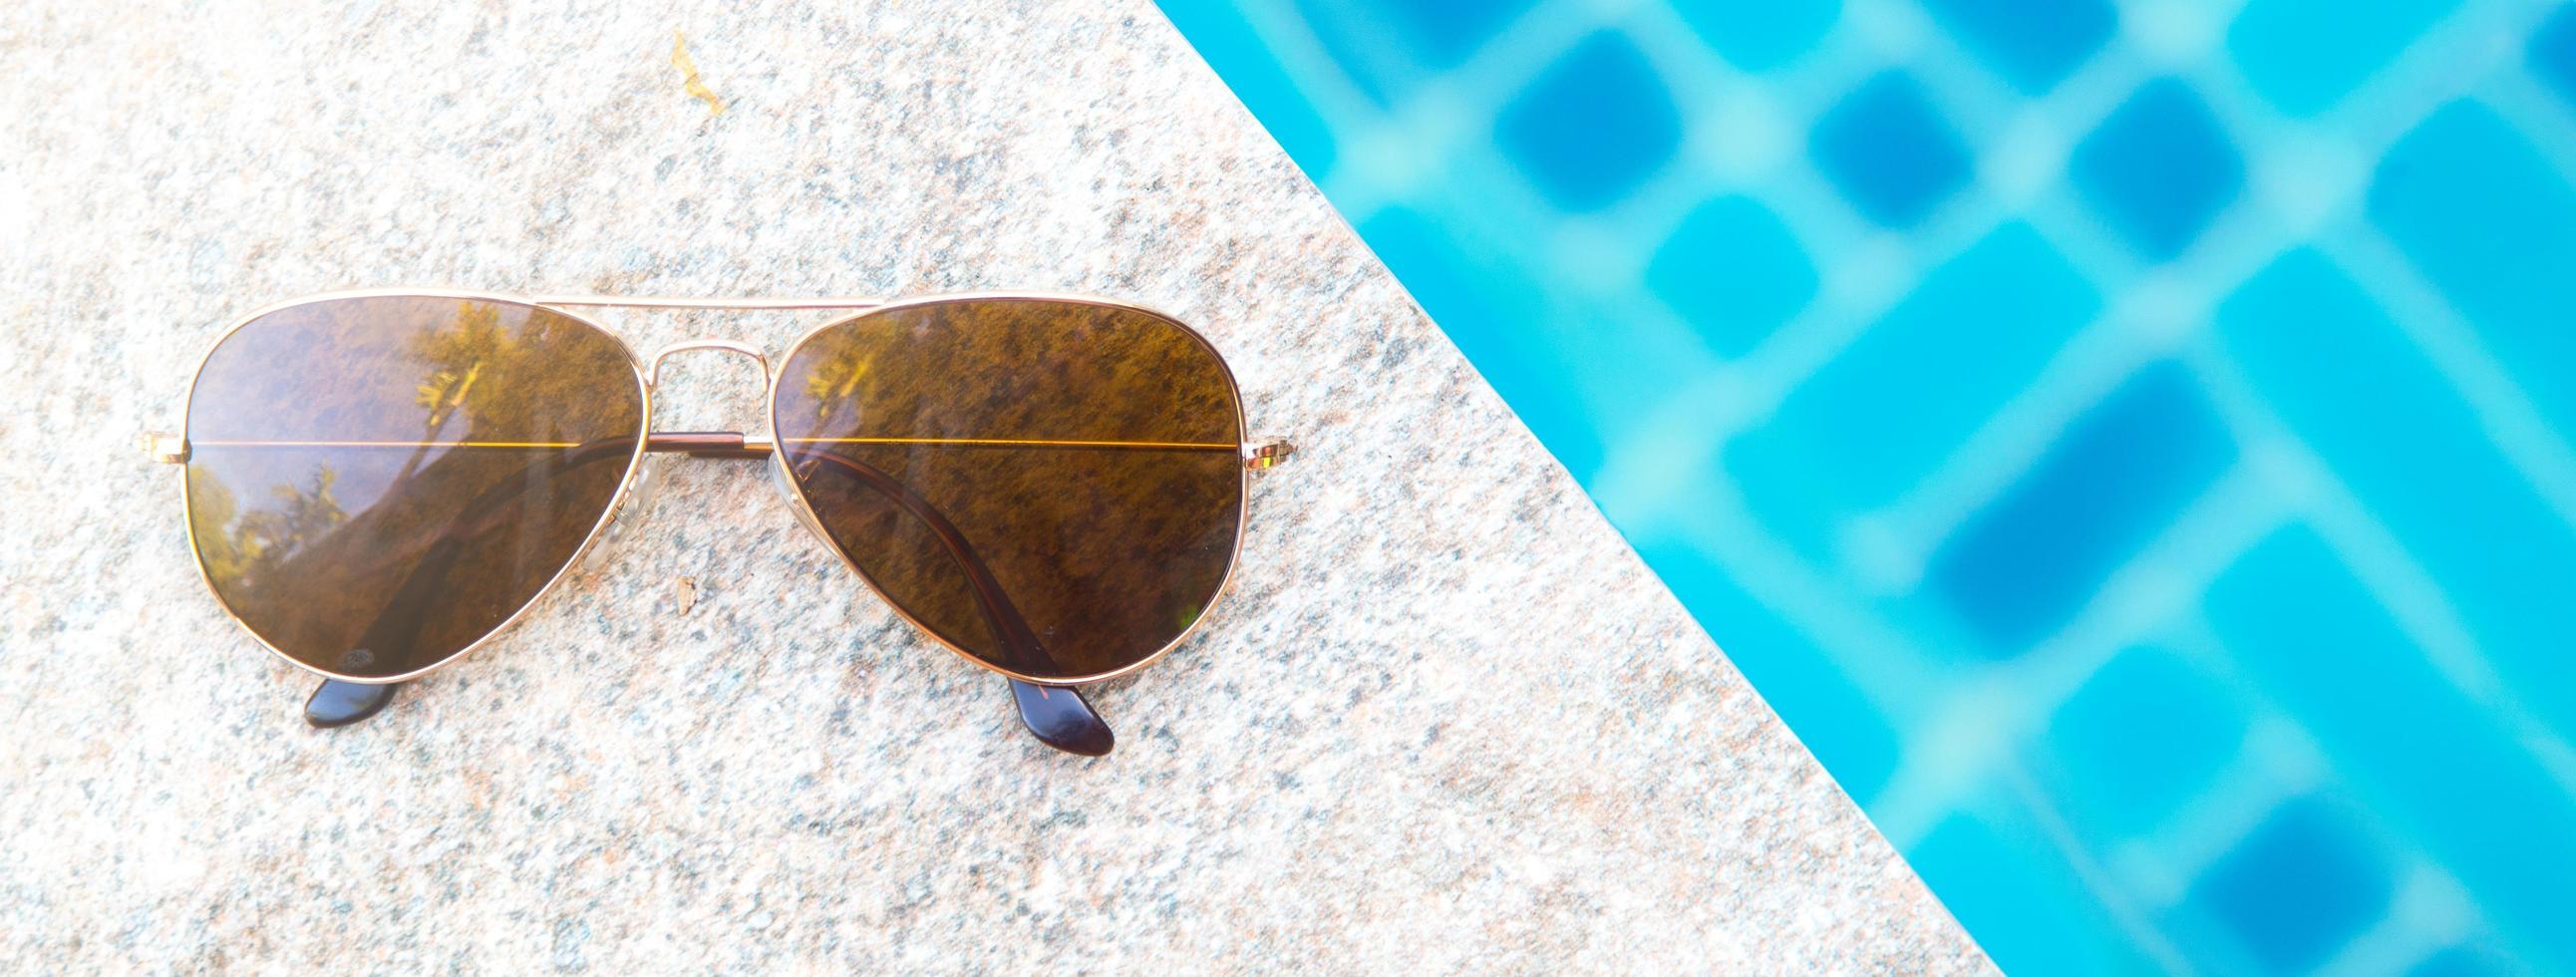 Draufsicht auf Sonnenbrillen am Pool foto